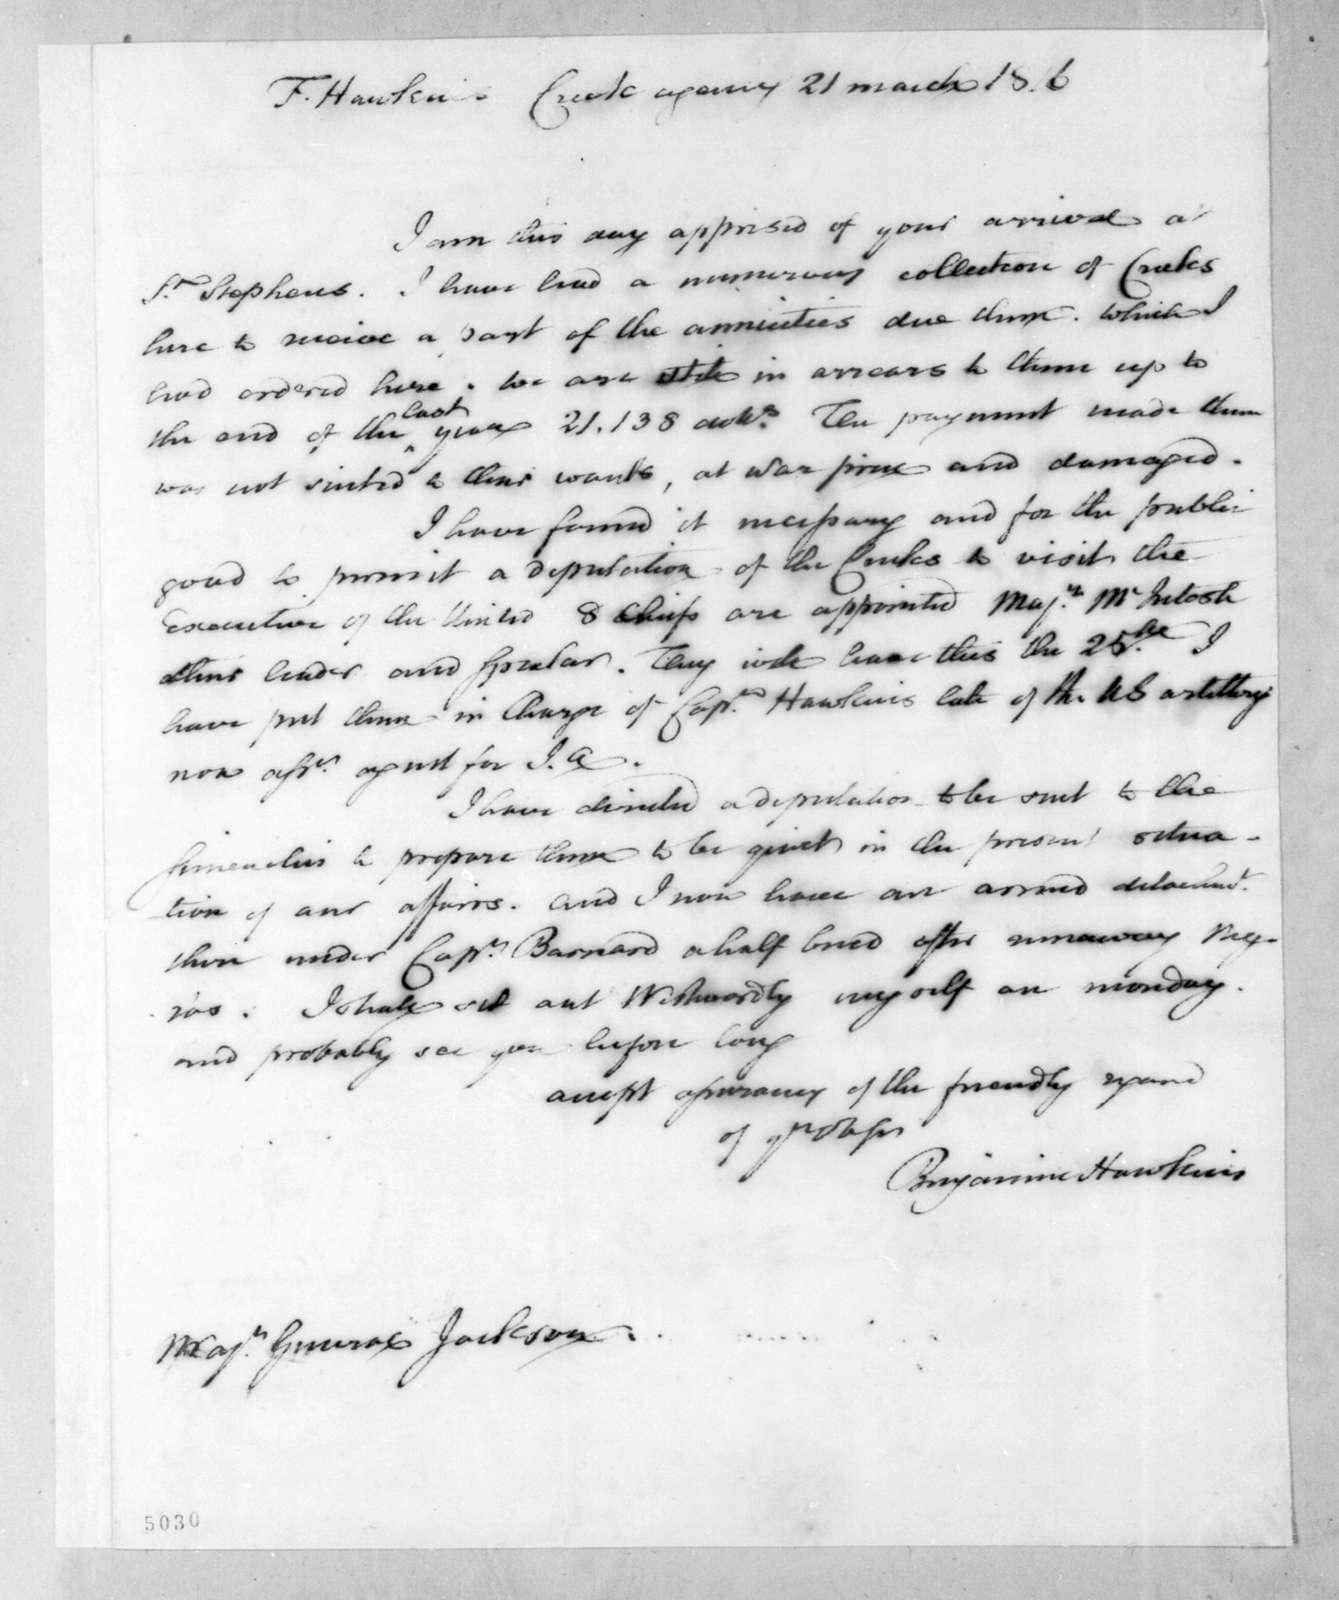 Benjamin Hawkins to Andrew Jackson, March 21, 1816